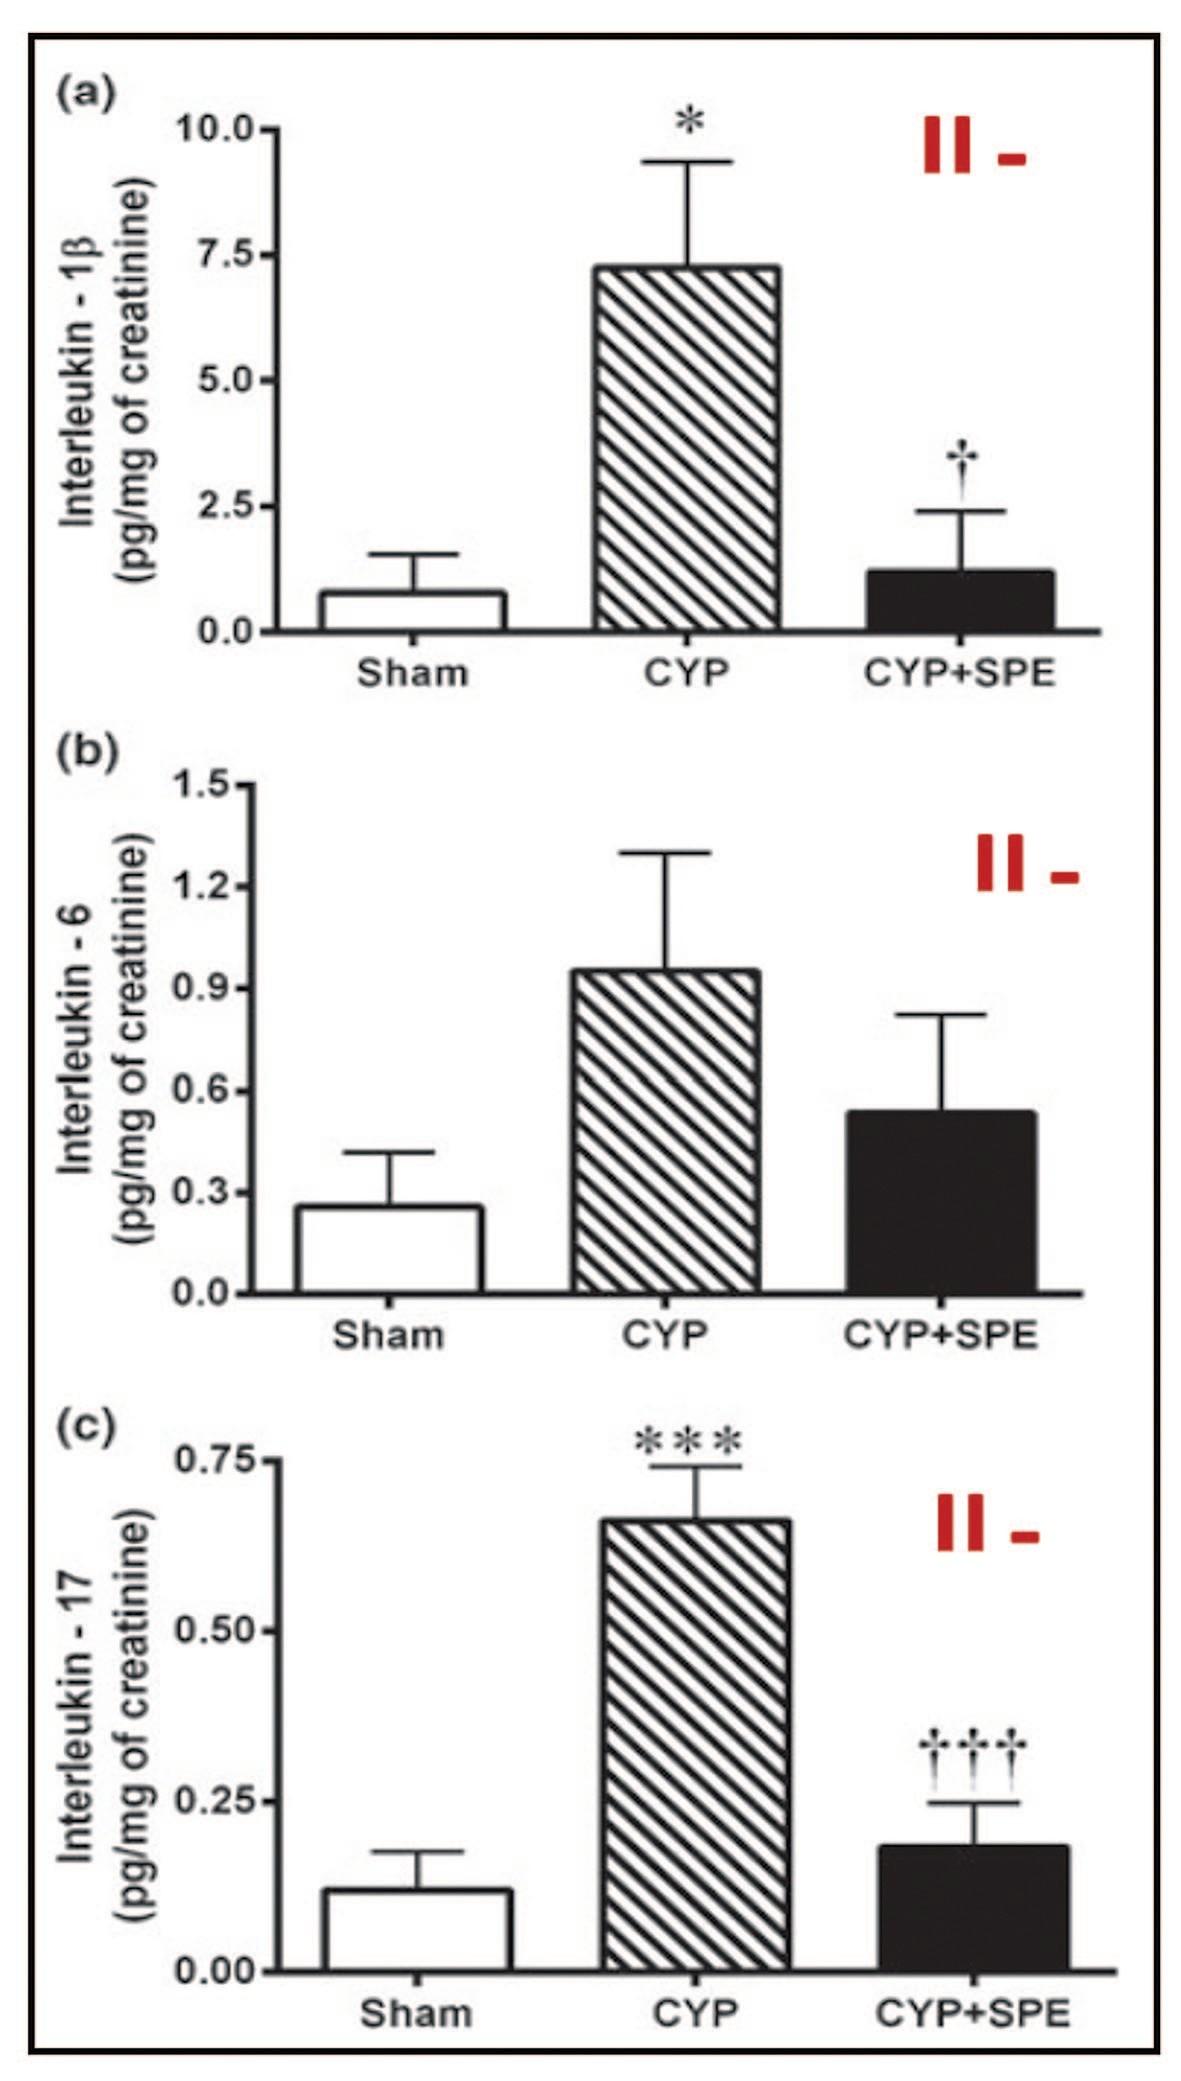 Показатели IL-1β (a), IL-6 (b) и IL-17 (c) в моче у крыс, получавших плацебо, с индуцированным циститом и получавших SRE [40]